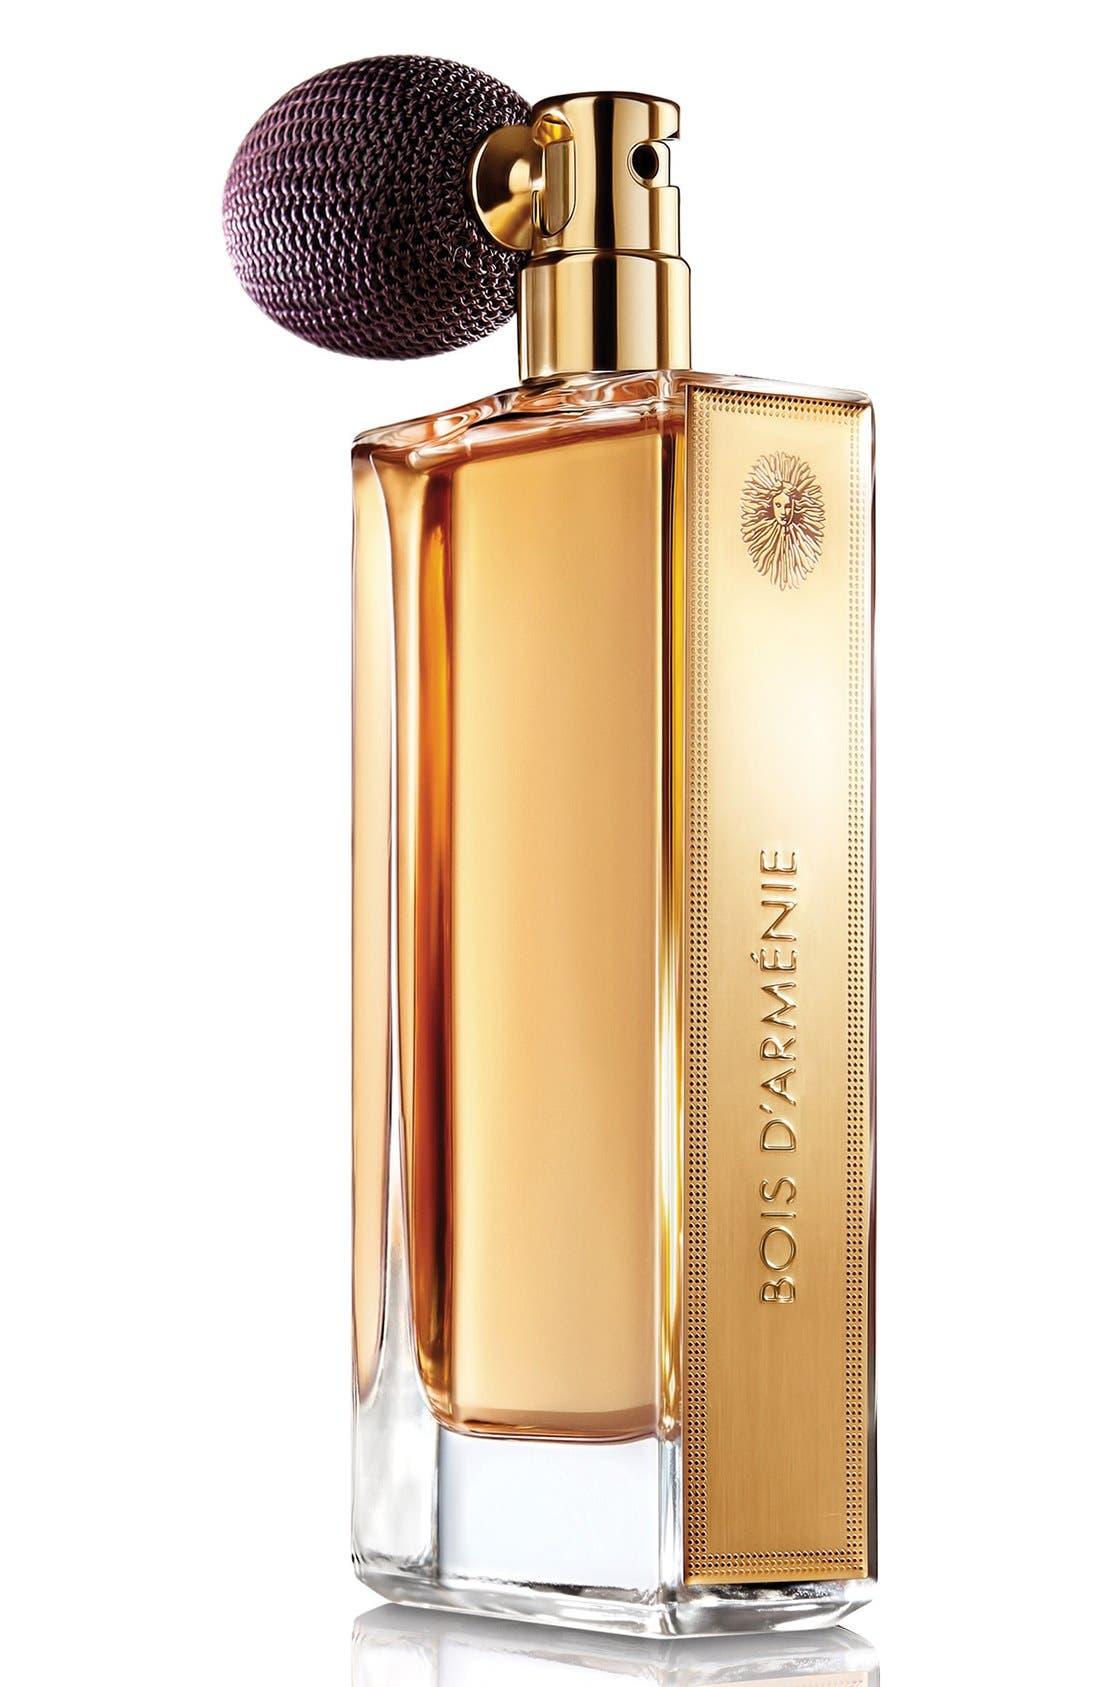 Guerlain L'Art et la Matiere Bois D'Armenie Eau de Parfum